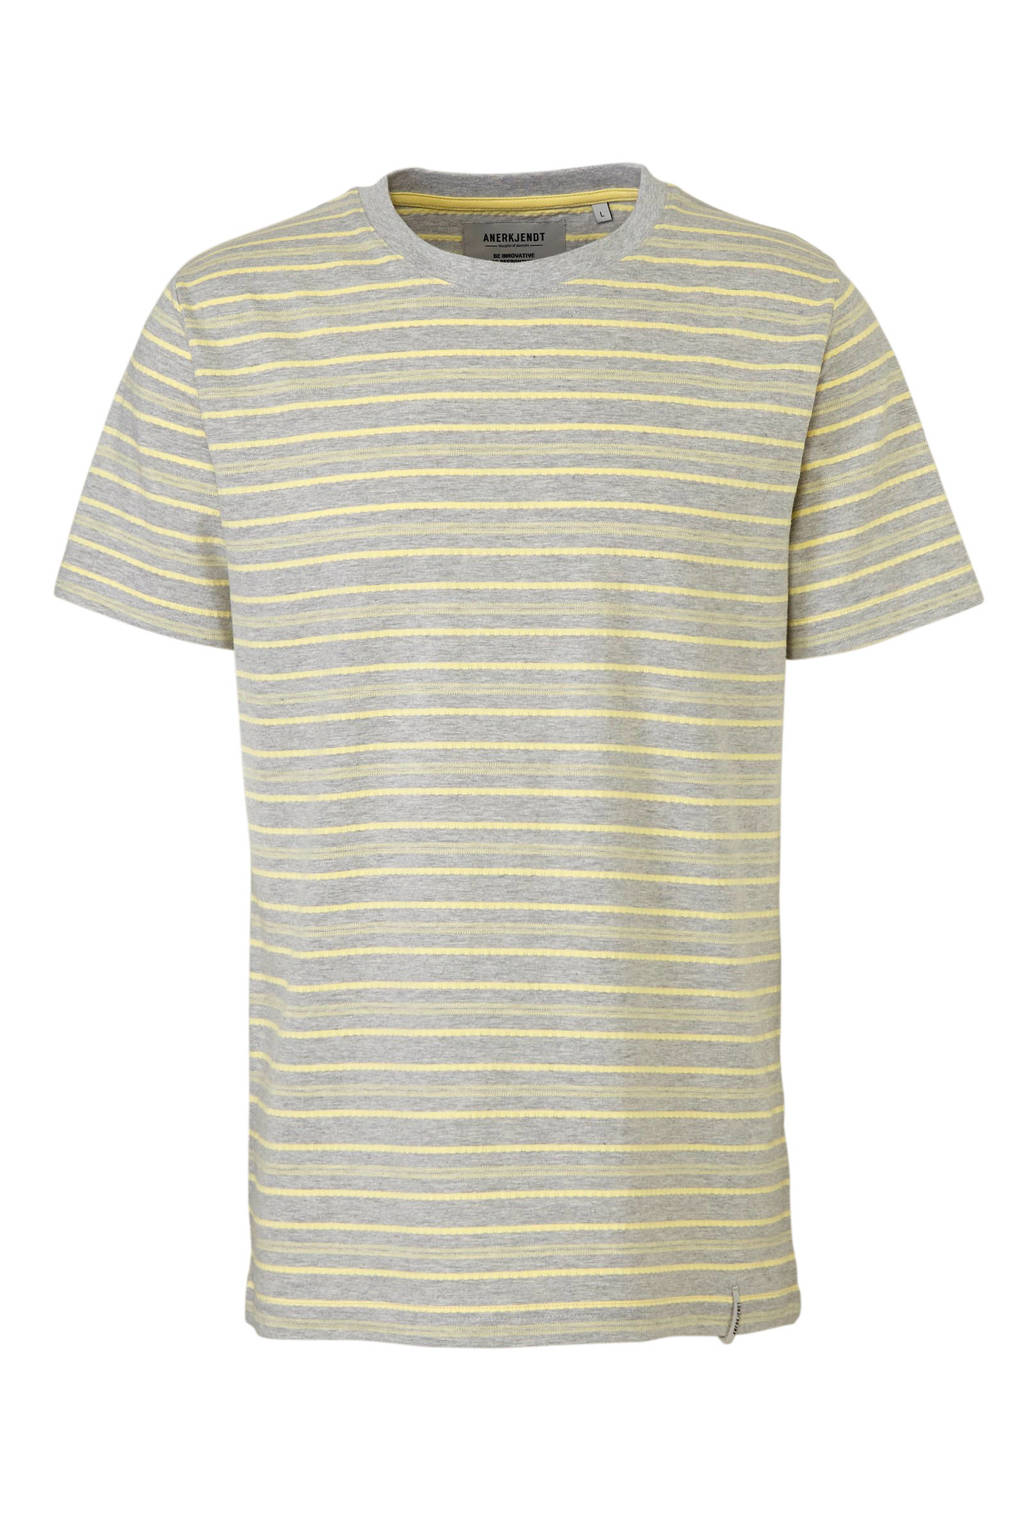 Anerkjendt gestreept T-shirt grijs, Grijs/geel